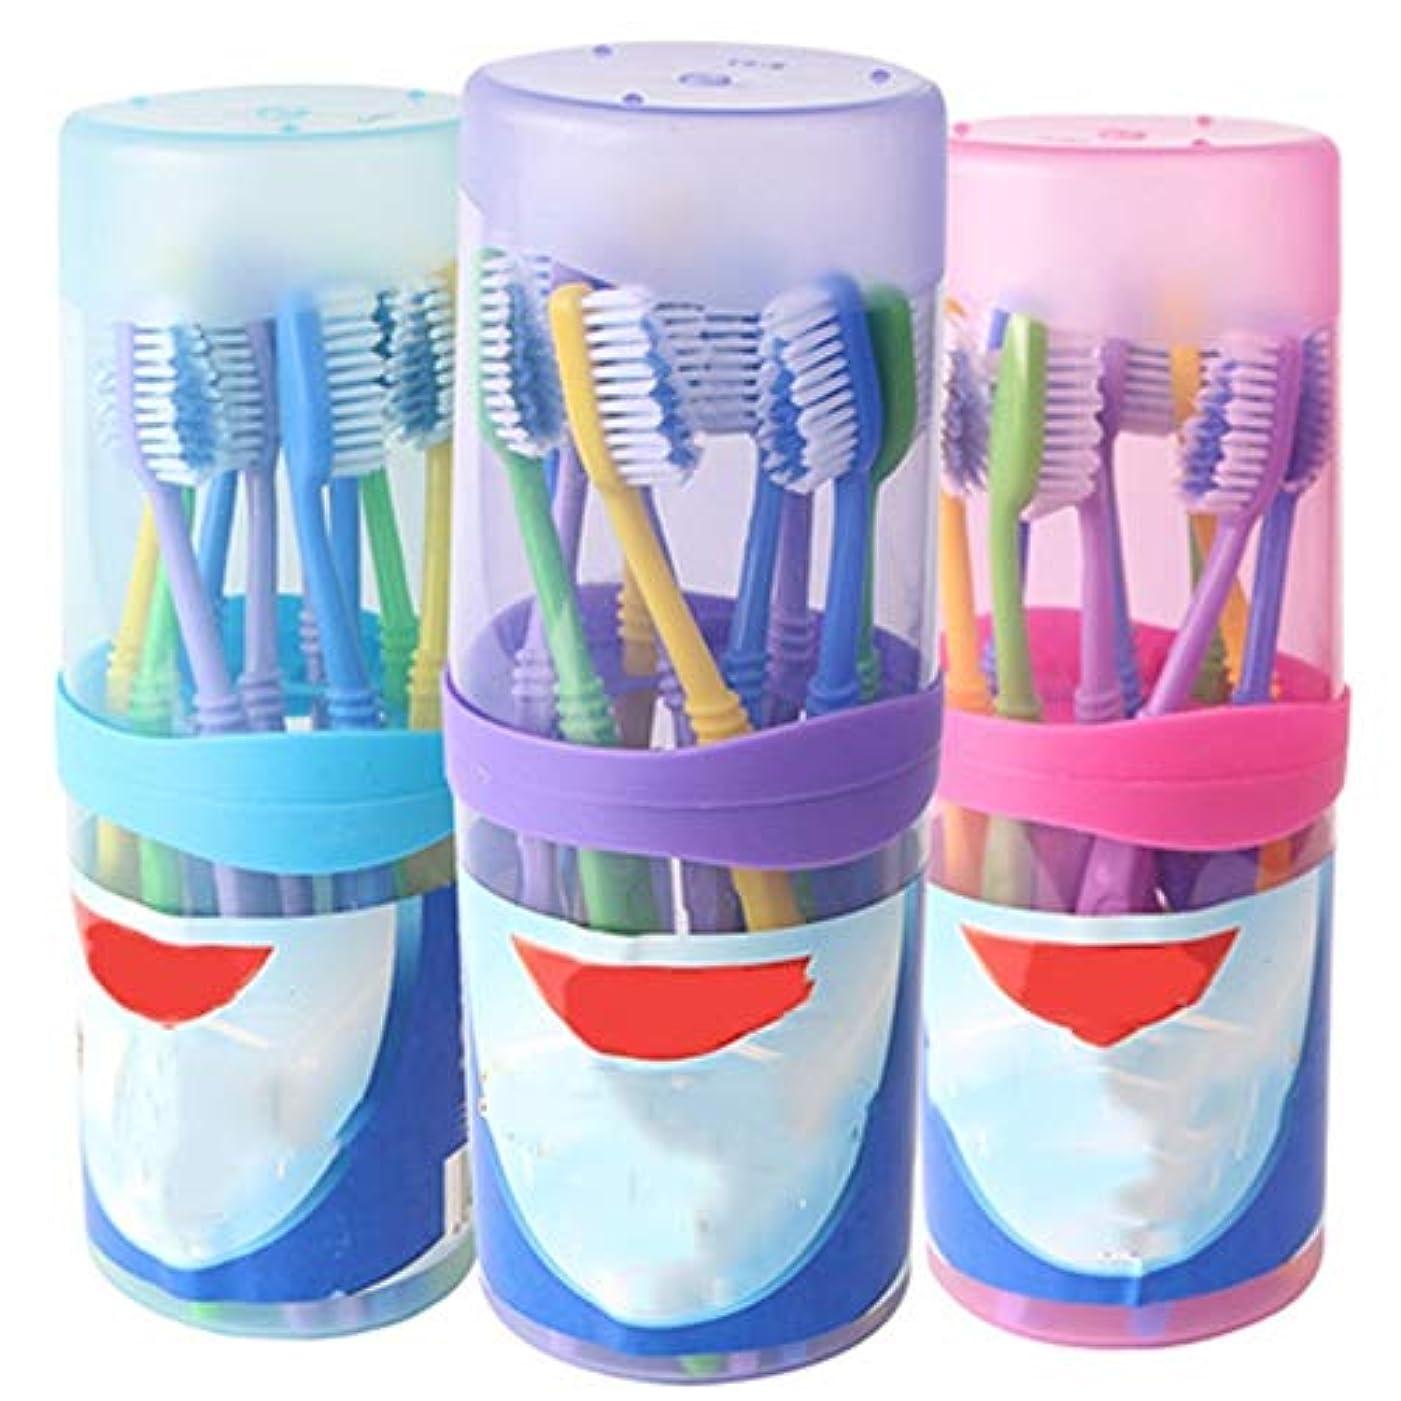 薄汚い寝室を掃除する北米歯ブラシ 30本の歯ブラシ、バルク大人歯ブラシ、歯茎のためのクリーンタルタルとケア - 使用可能なスタイルの2種類 HL (色 : A, サイズ : 30 packs)